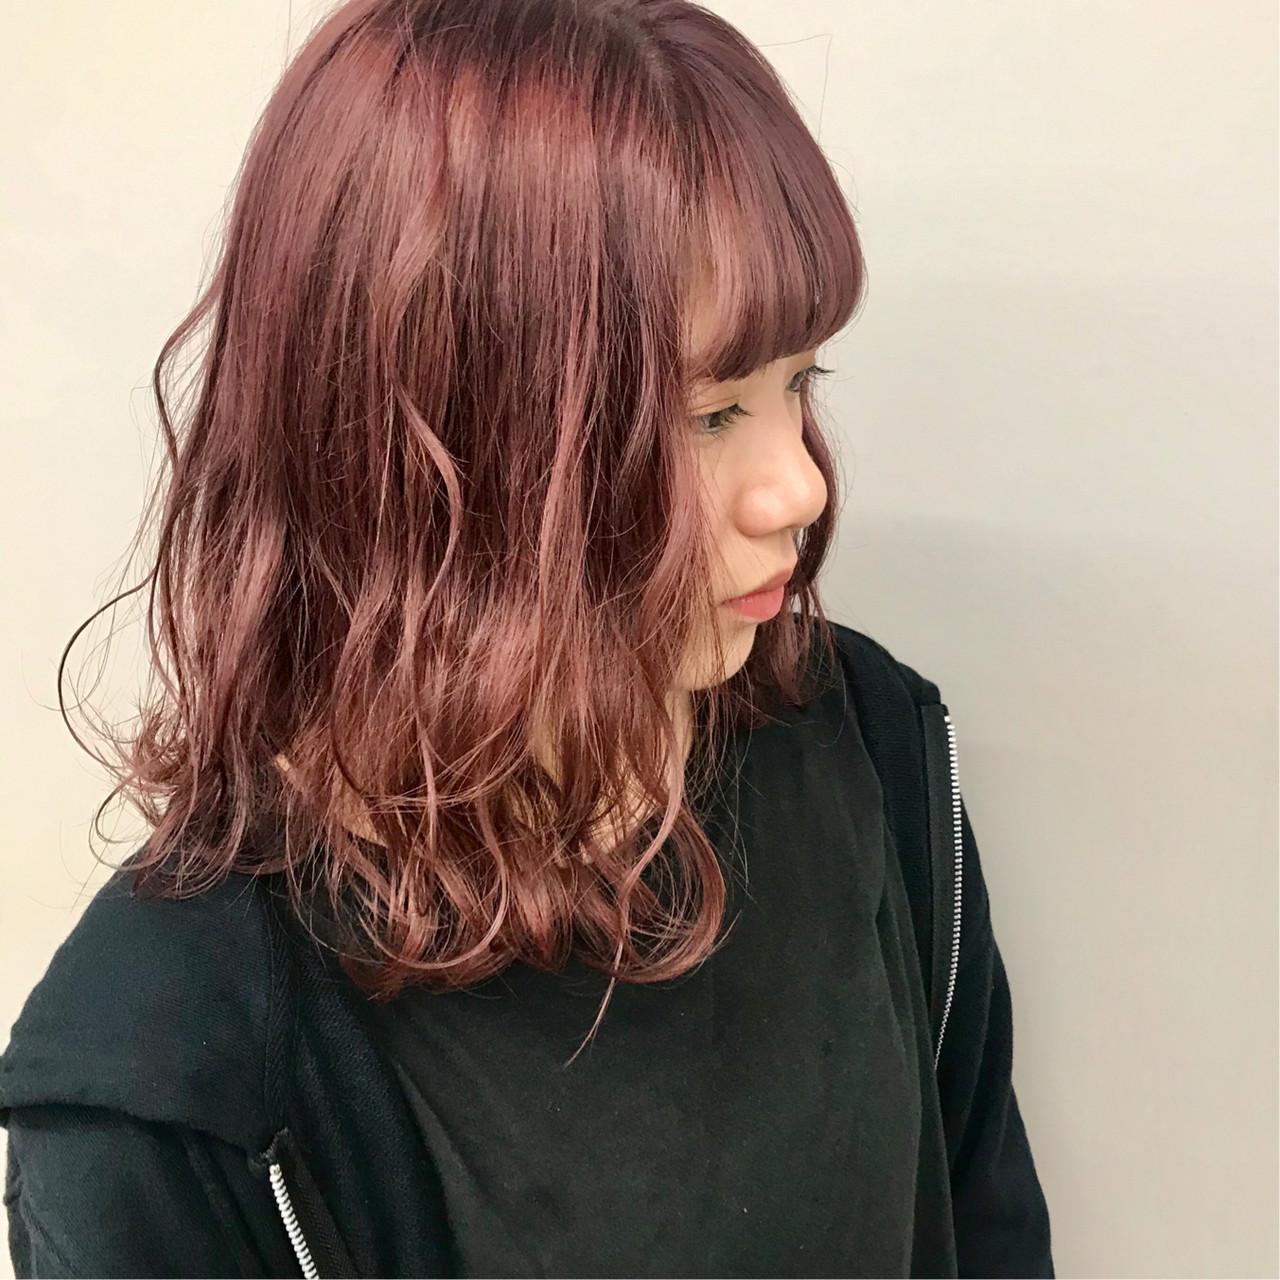 ハイトーンカラー アディクシーカラー ダブルカラー ミディアム ヘアスタイルや髪型の写真・画像 | 上村 聖陽 / lia by defi